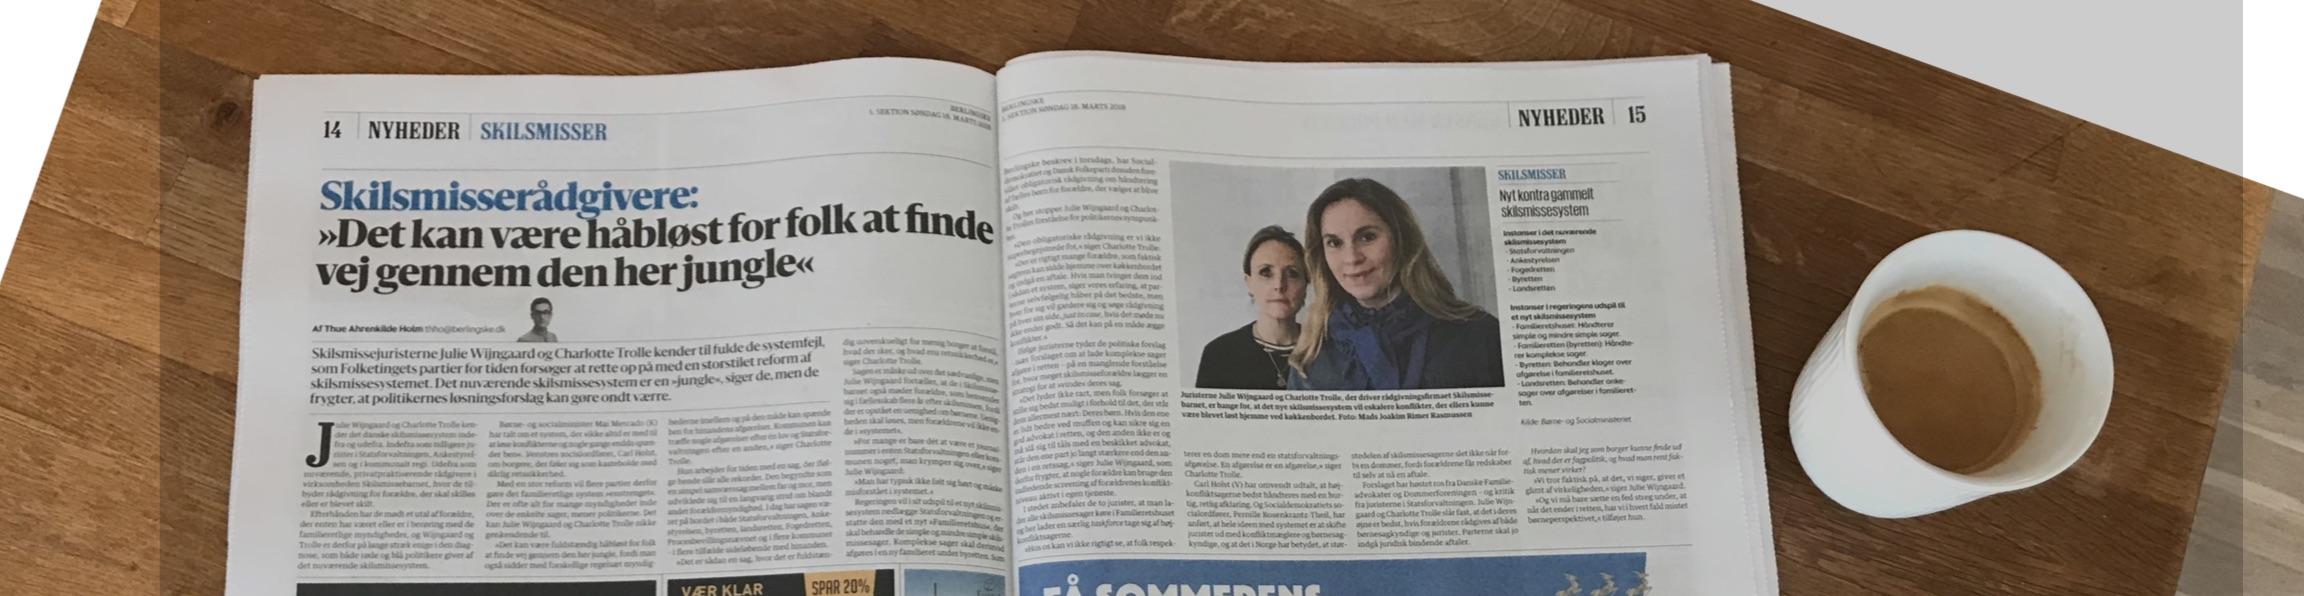 """Artikel i Politiken: """"Højesteret straffer chikane: Far får bopæl og forældreret, fordi mor skjuler barnet"""", 5. okt 2020."""